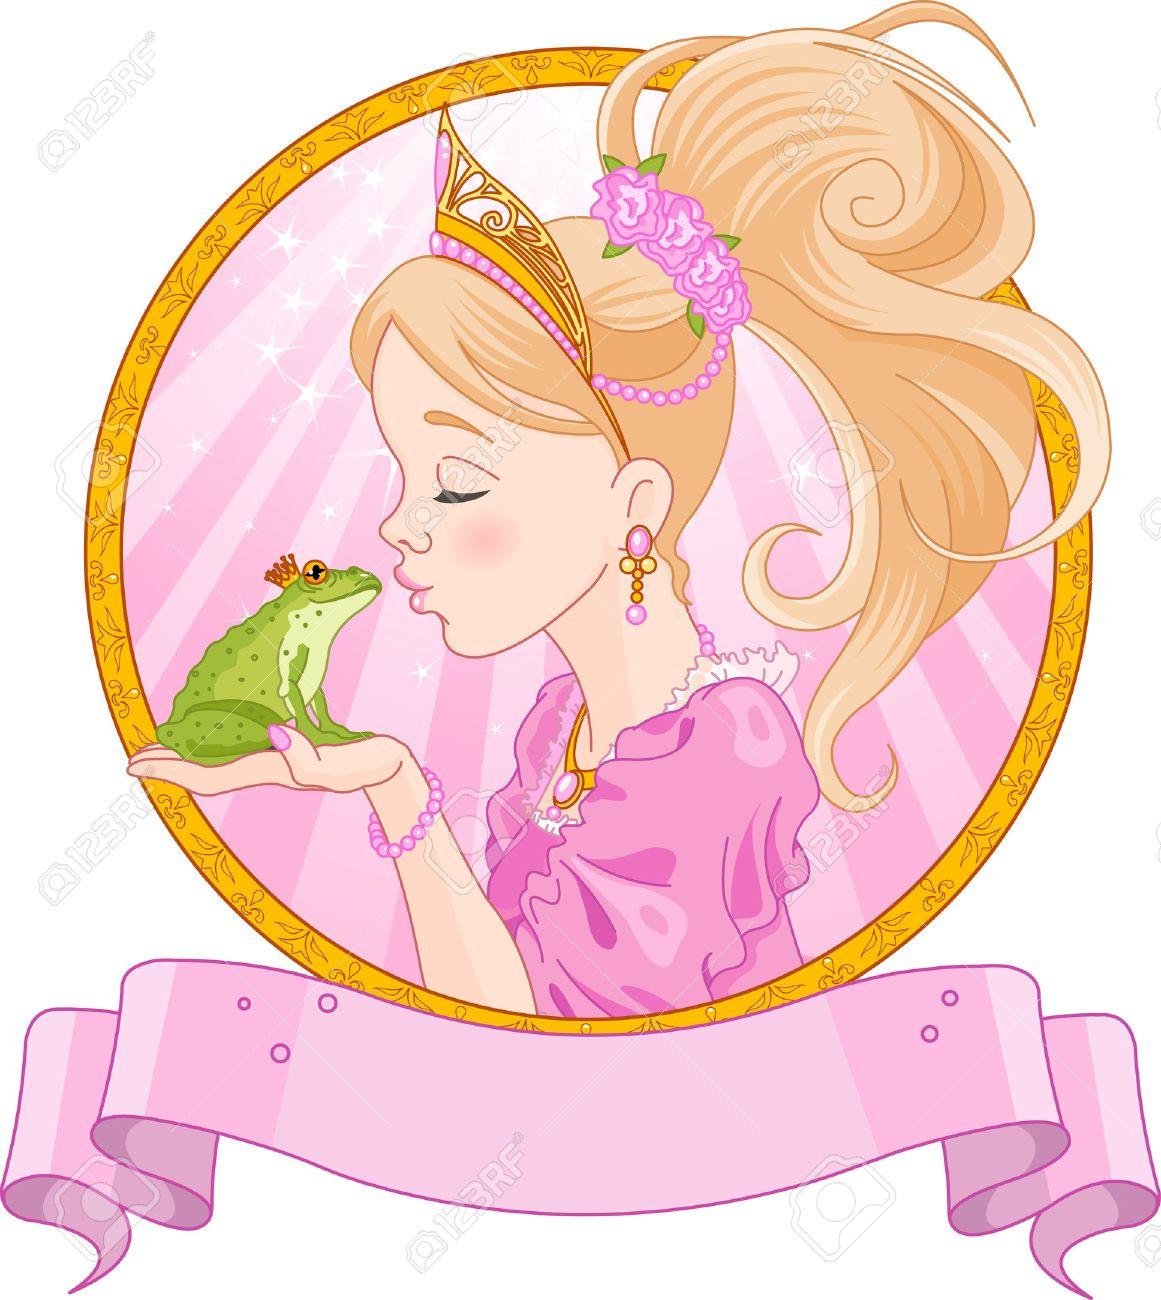 802 Princess Frog Cliparts, Stock Vector And Royalty Free Princess ...